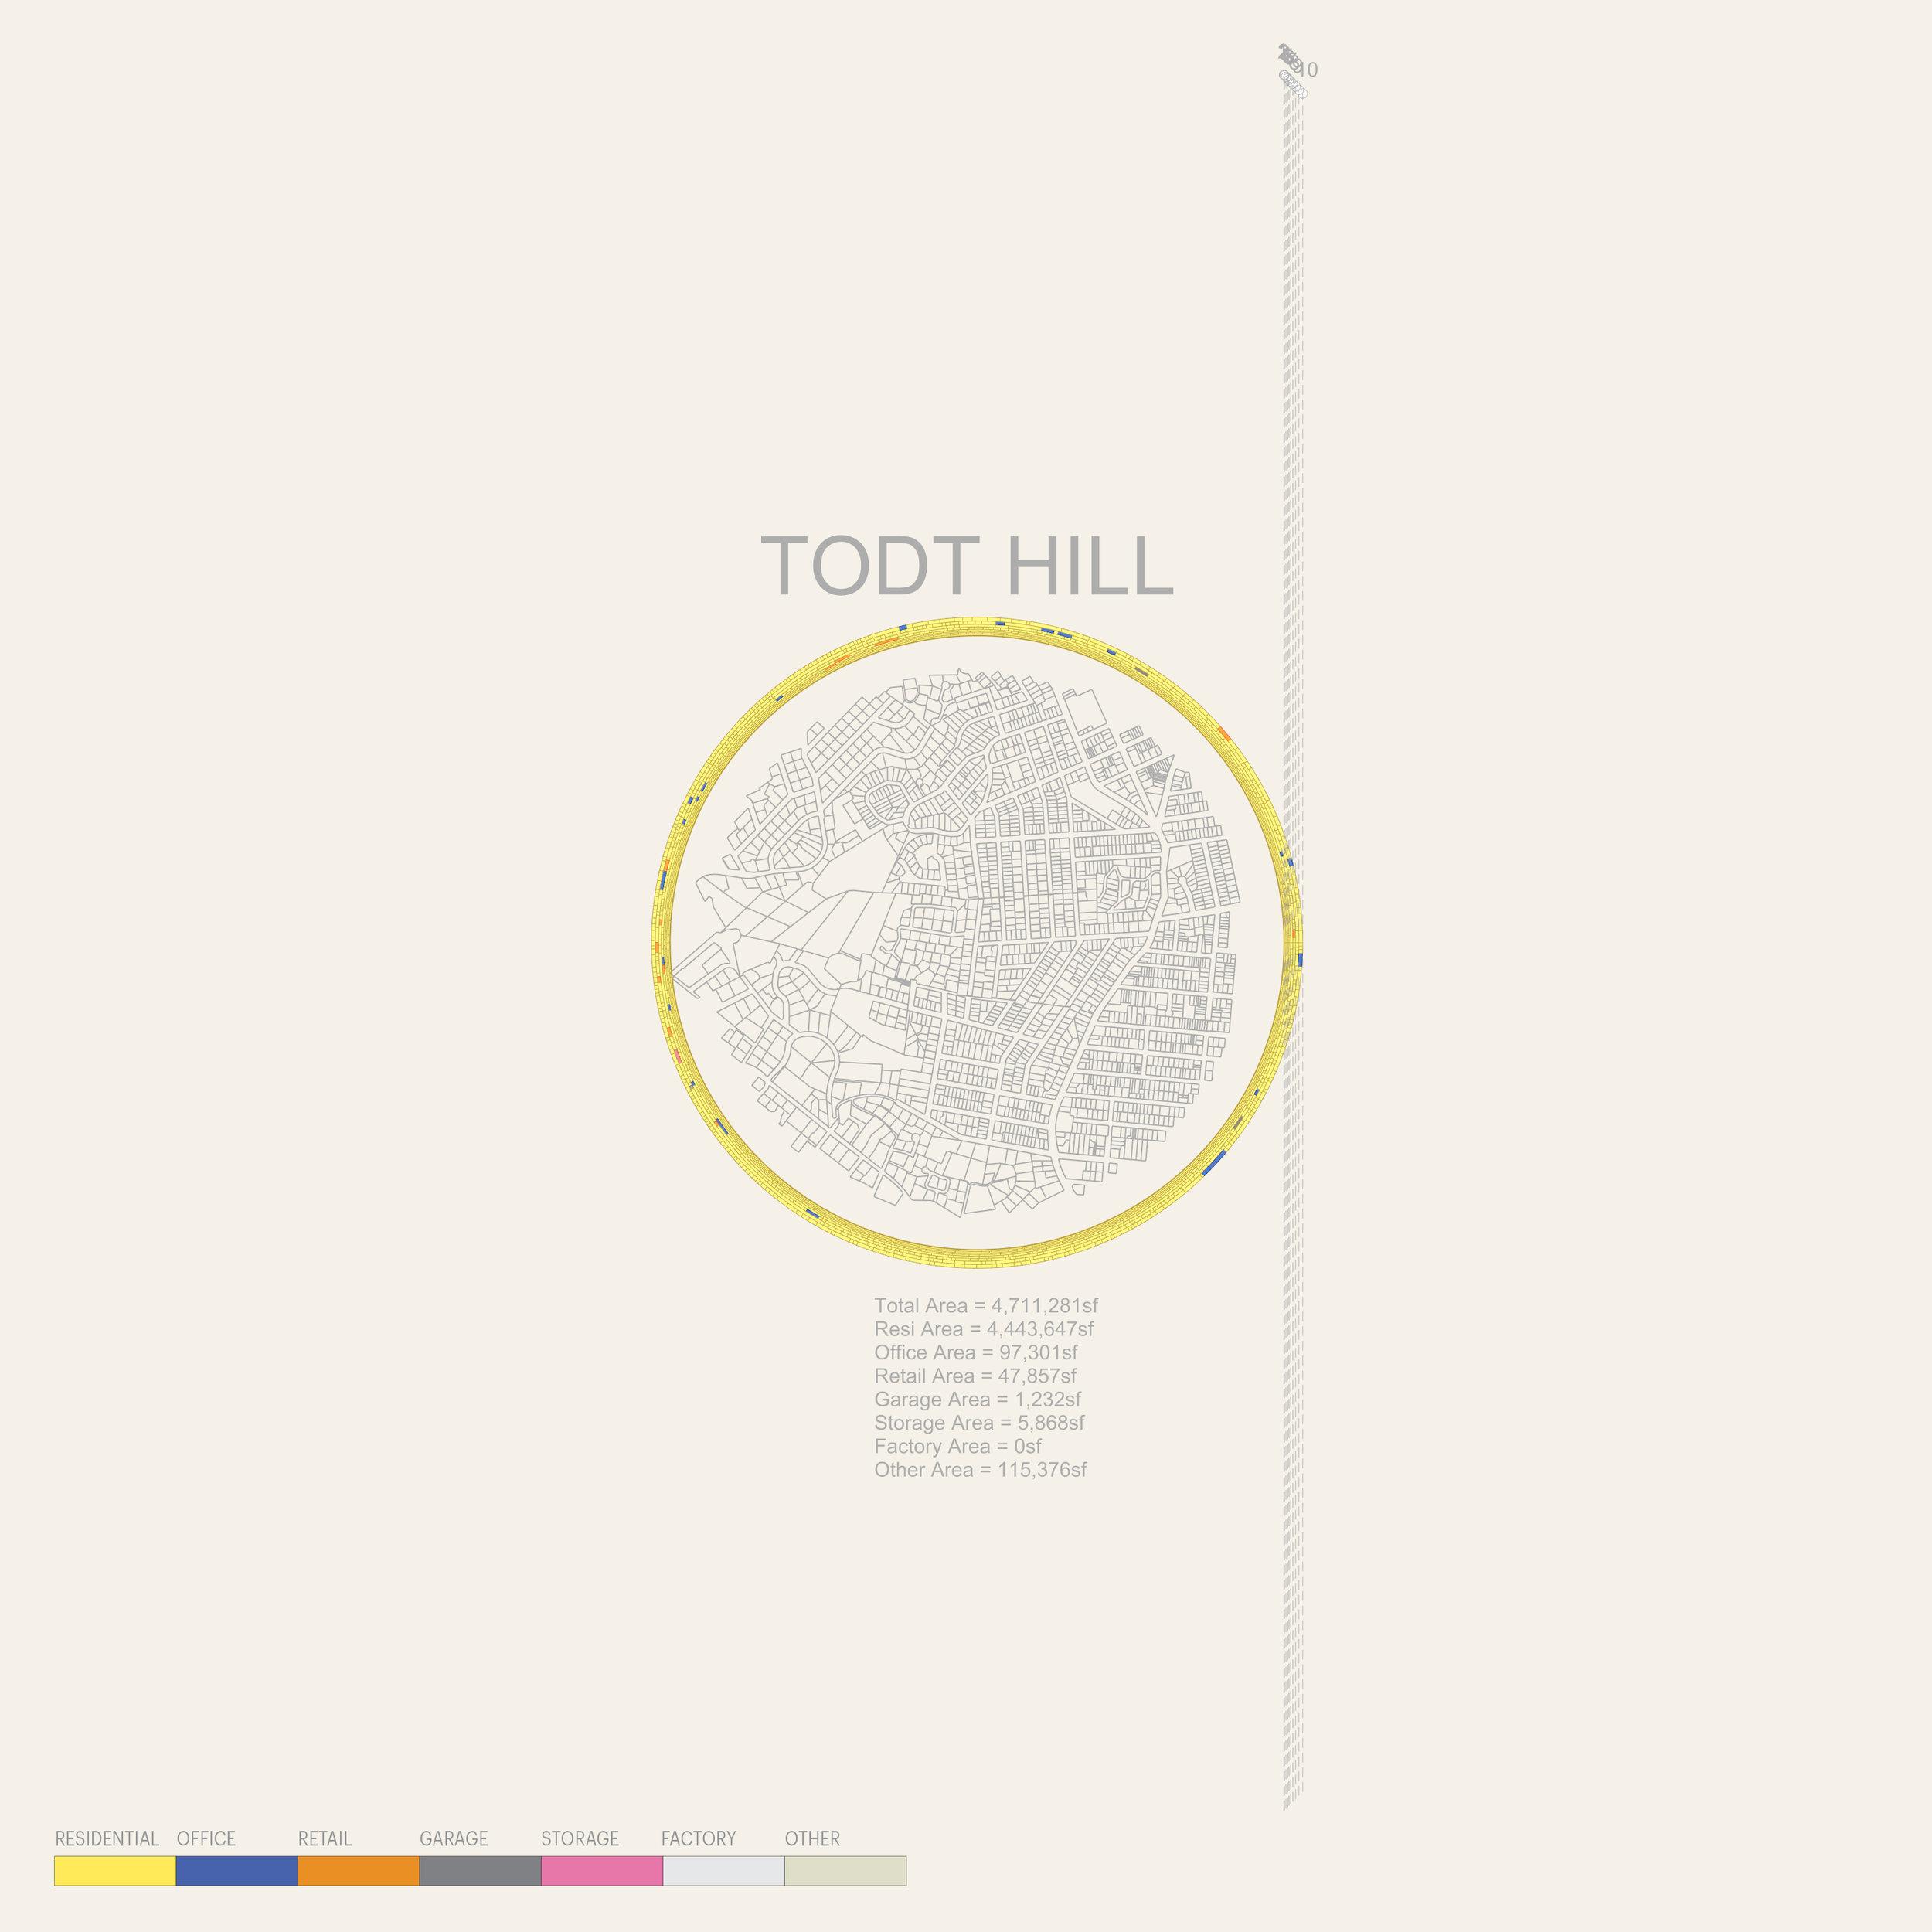 Todt_Hill-01.jpg